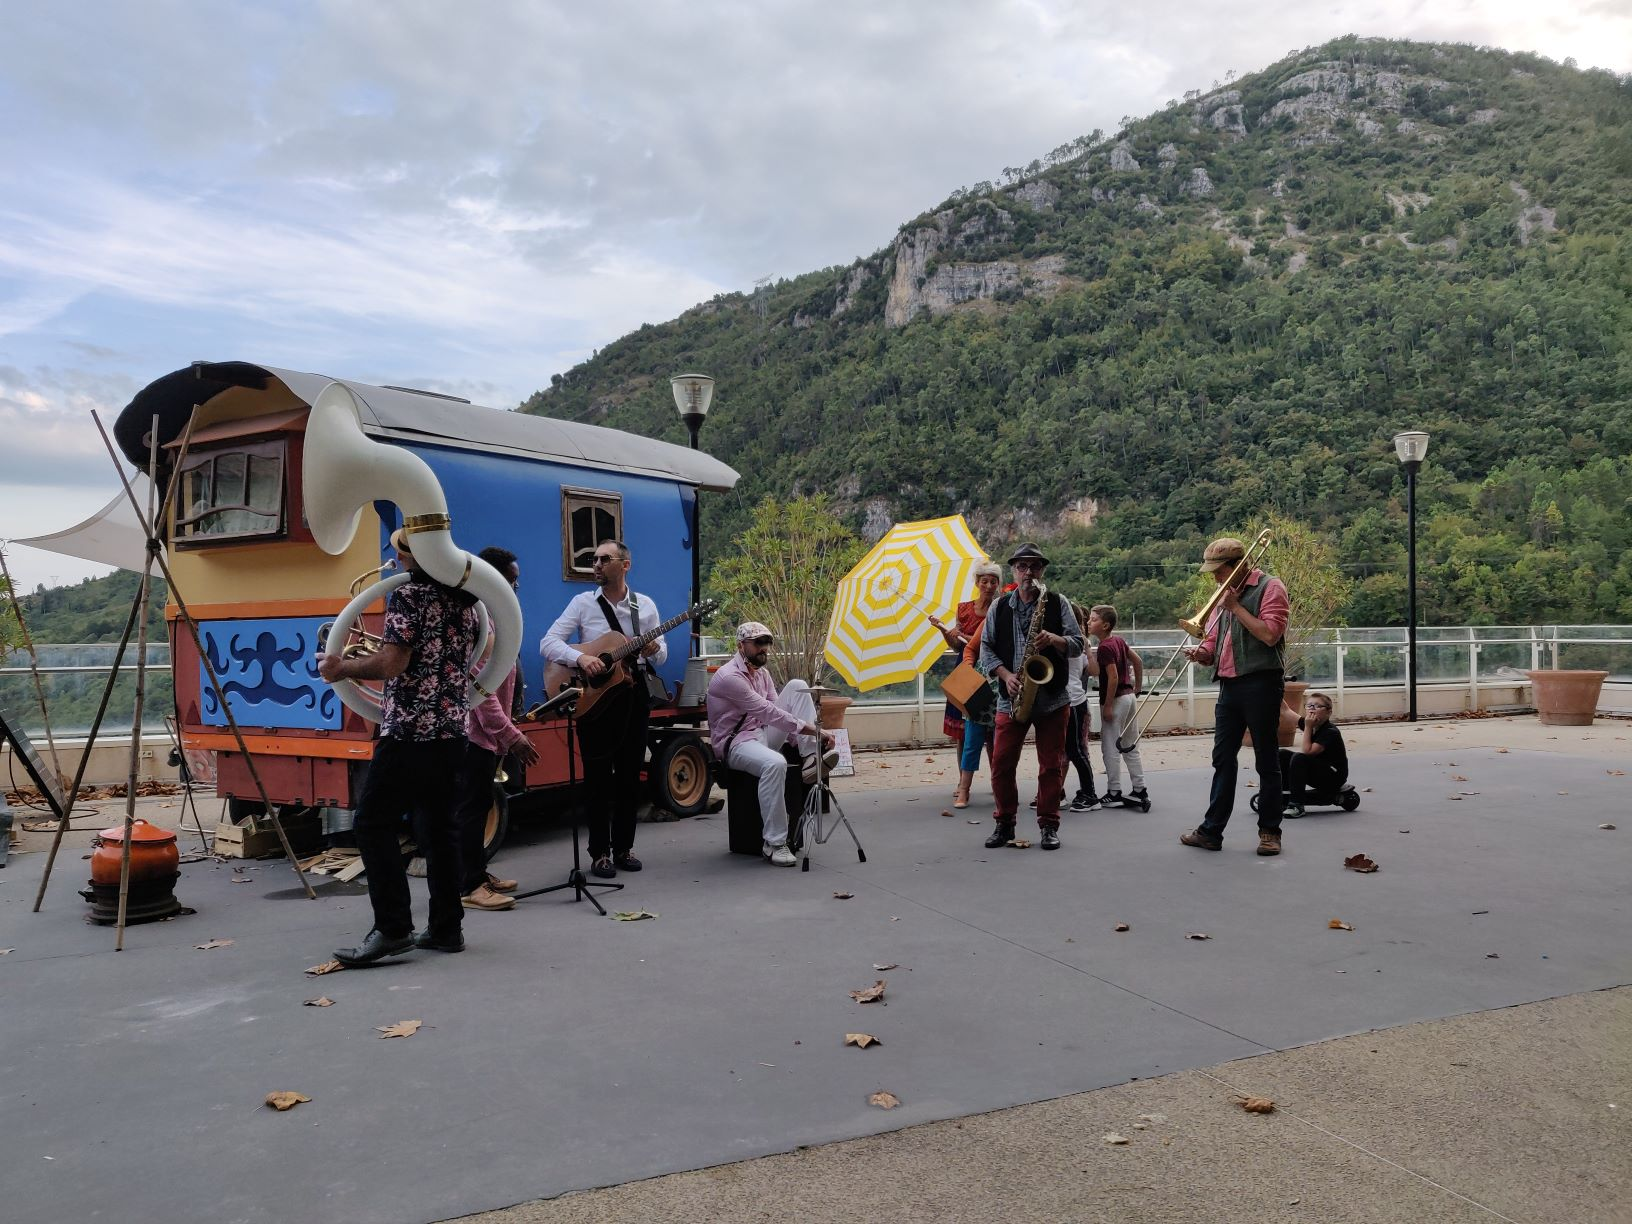 roulotte spectacles 2020 compagnie théâtre de la terre Ariège